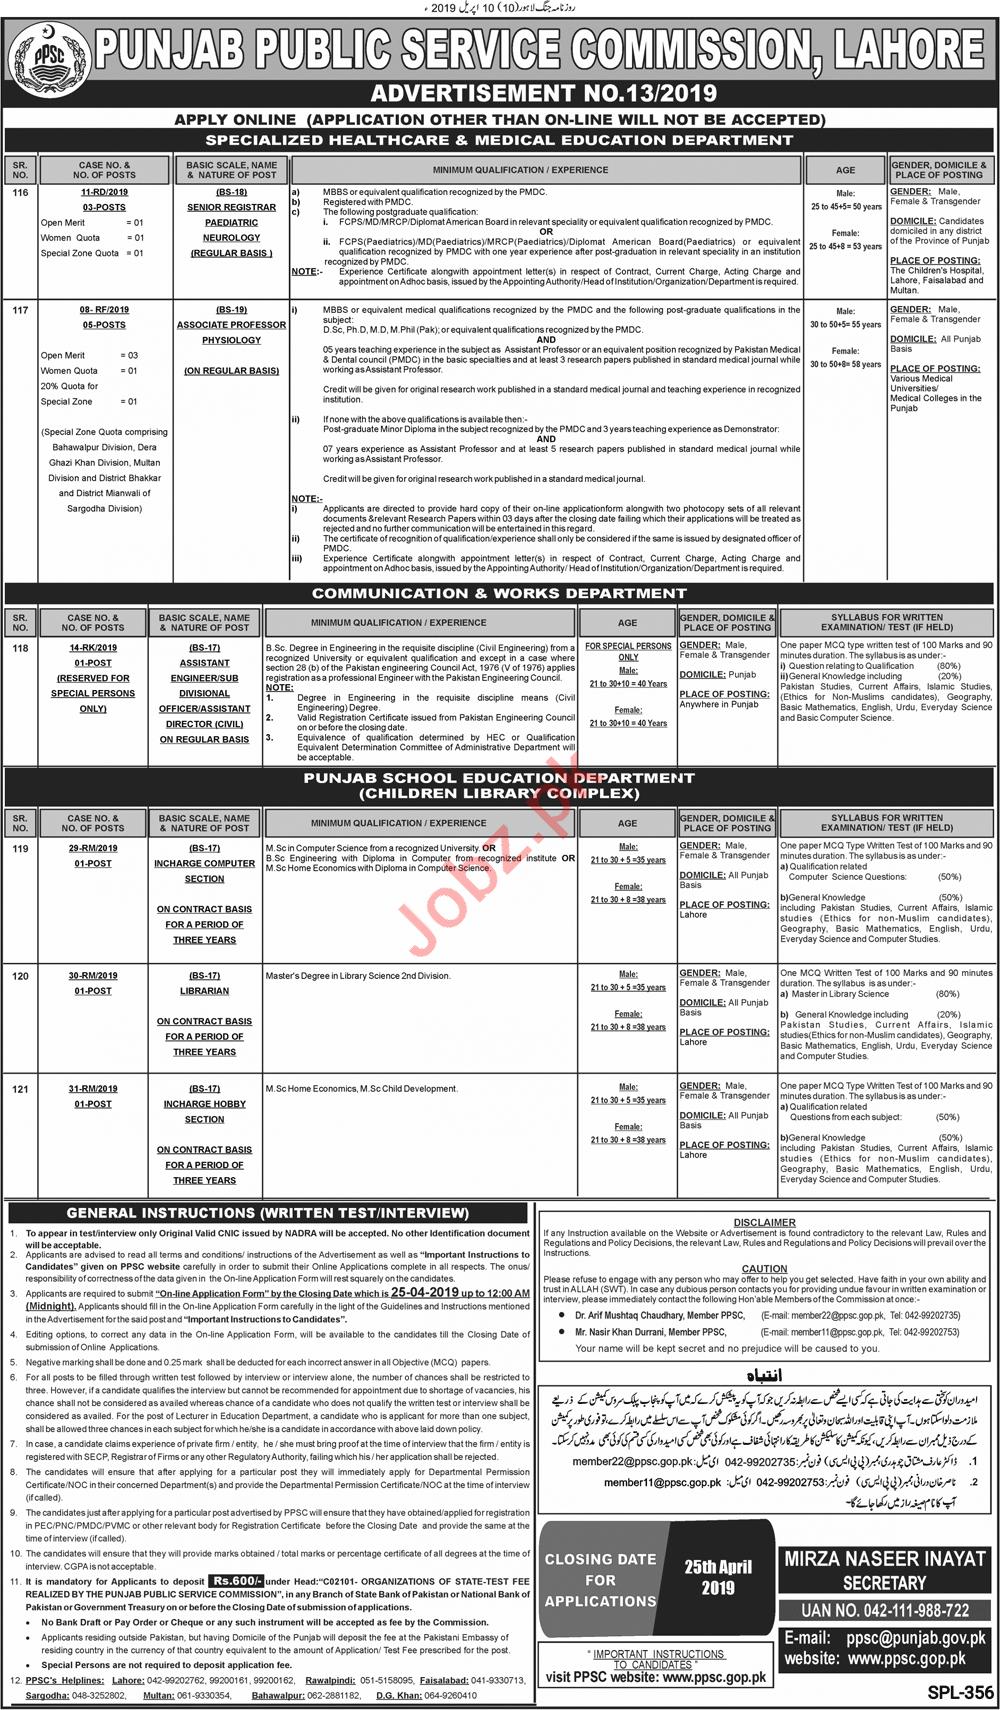 PPSC Job Advertisement No 13/2019 Lahore Punjab Public Service